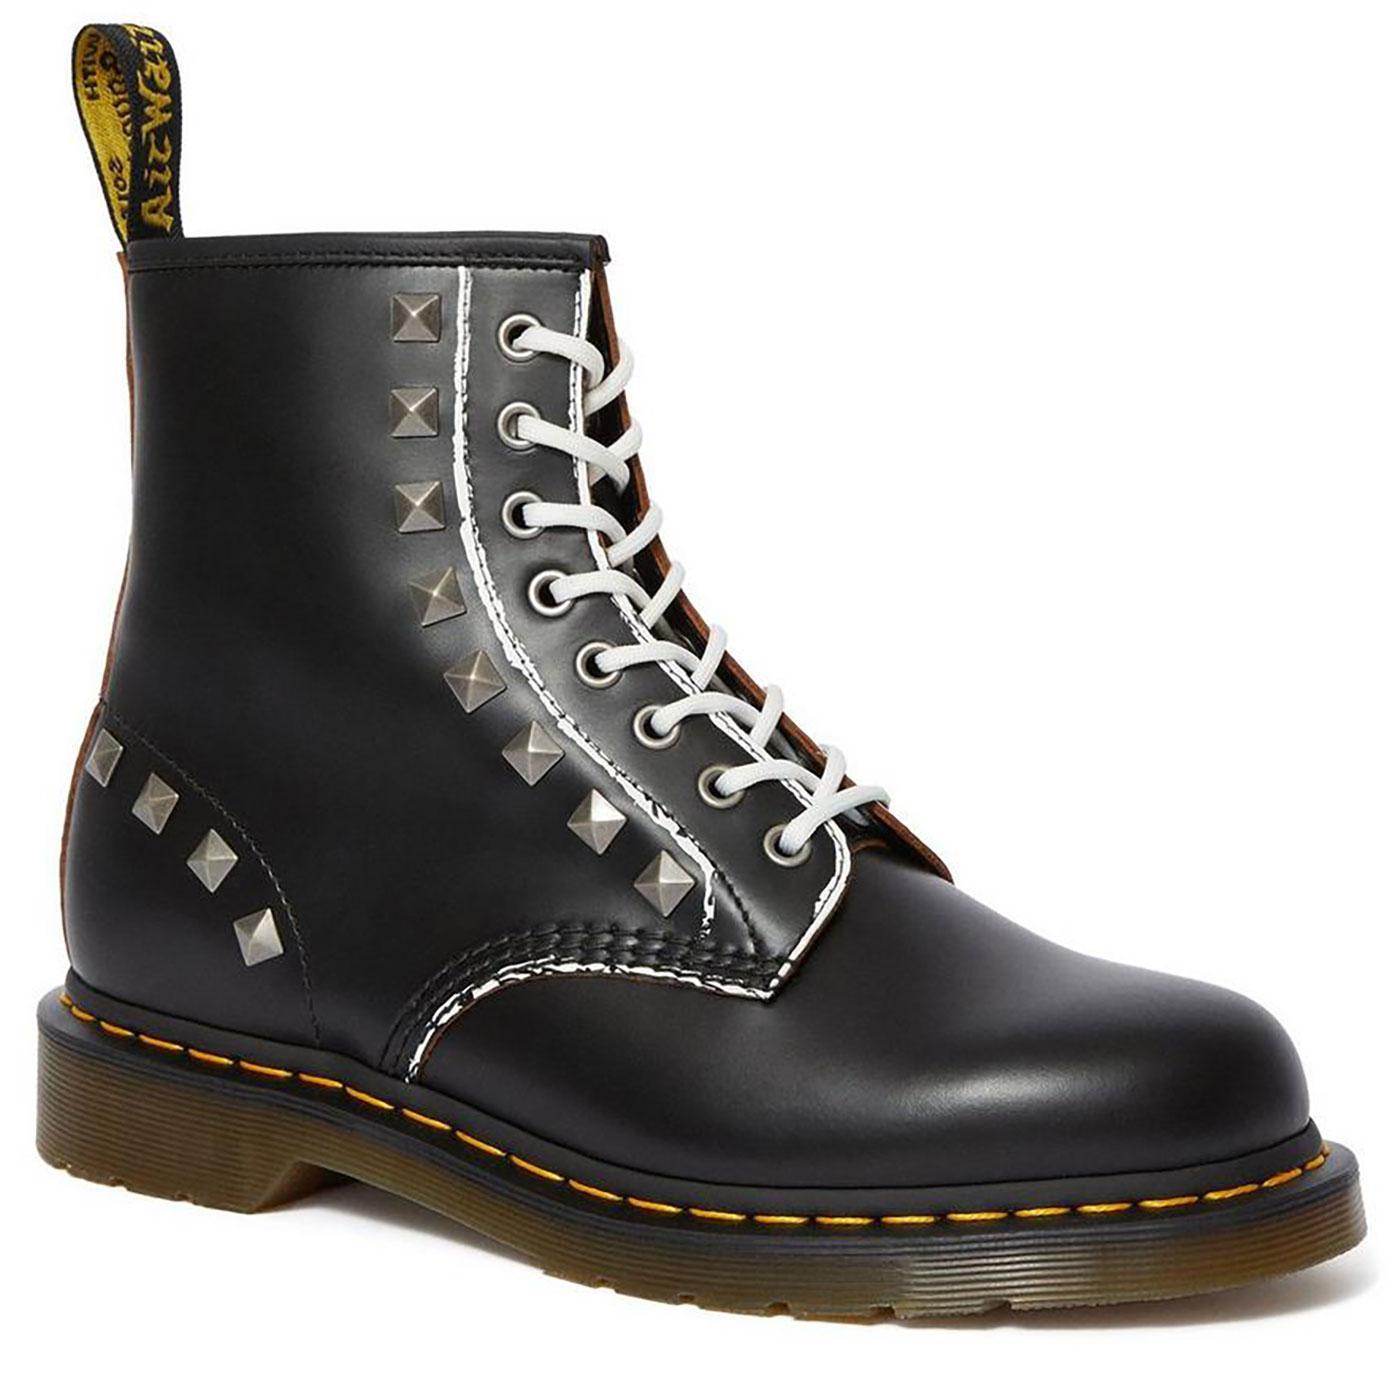 1460 Stud DR MARTENS Retro 70s Punk Leather Boots